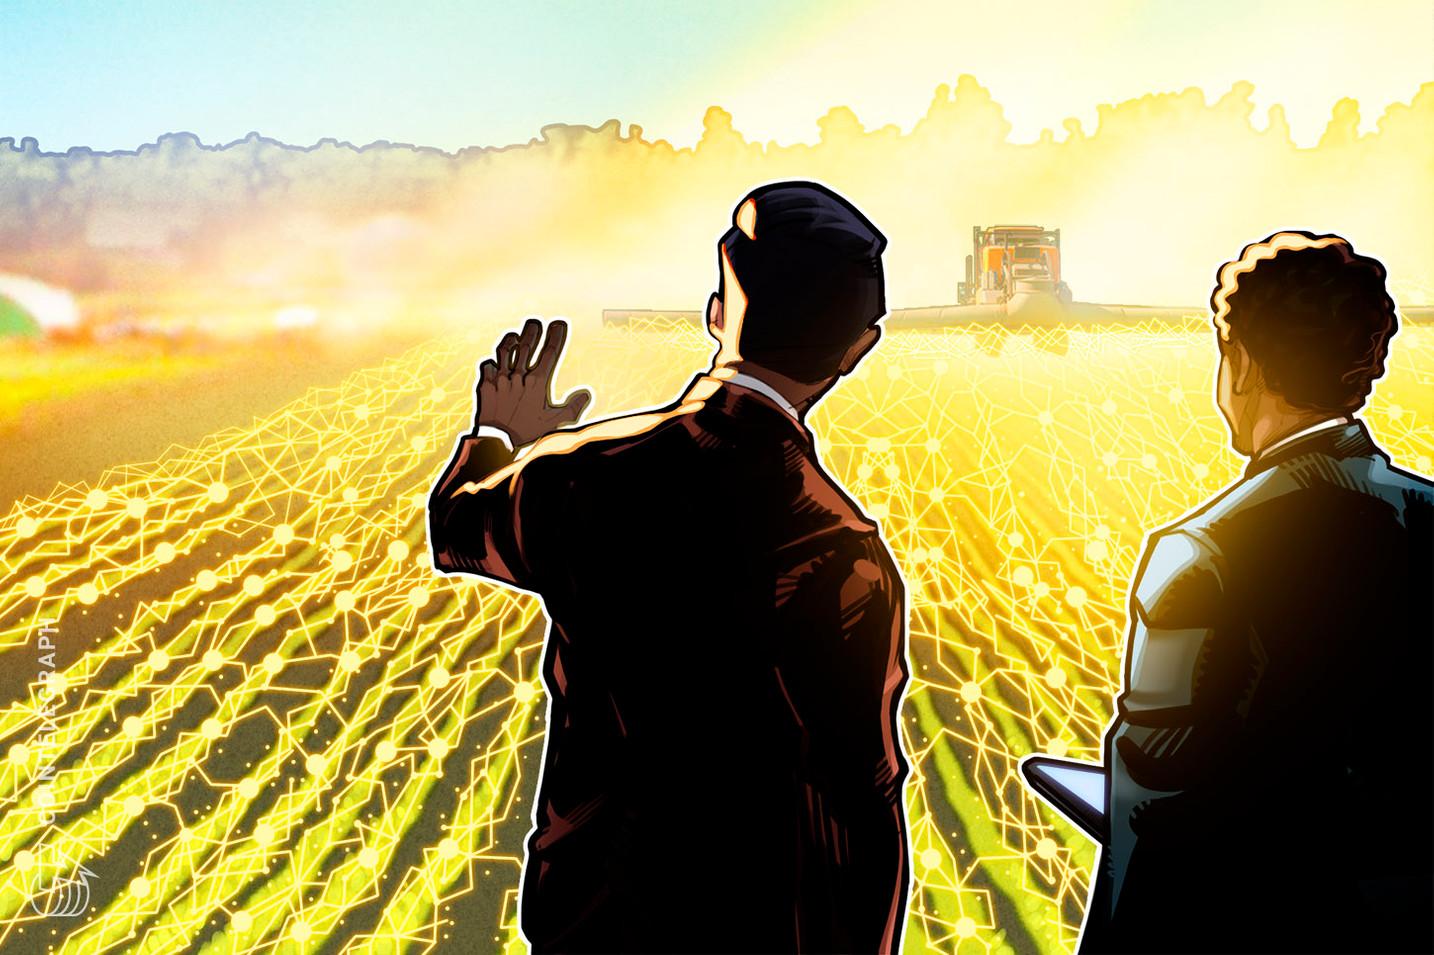 Etherisc 為 17 名肯尼亞農民提供基於區塊鏈的農作物保險